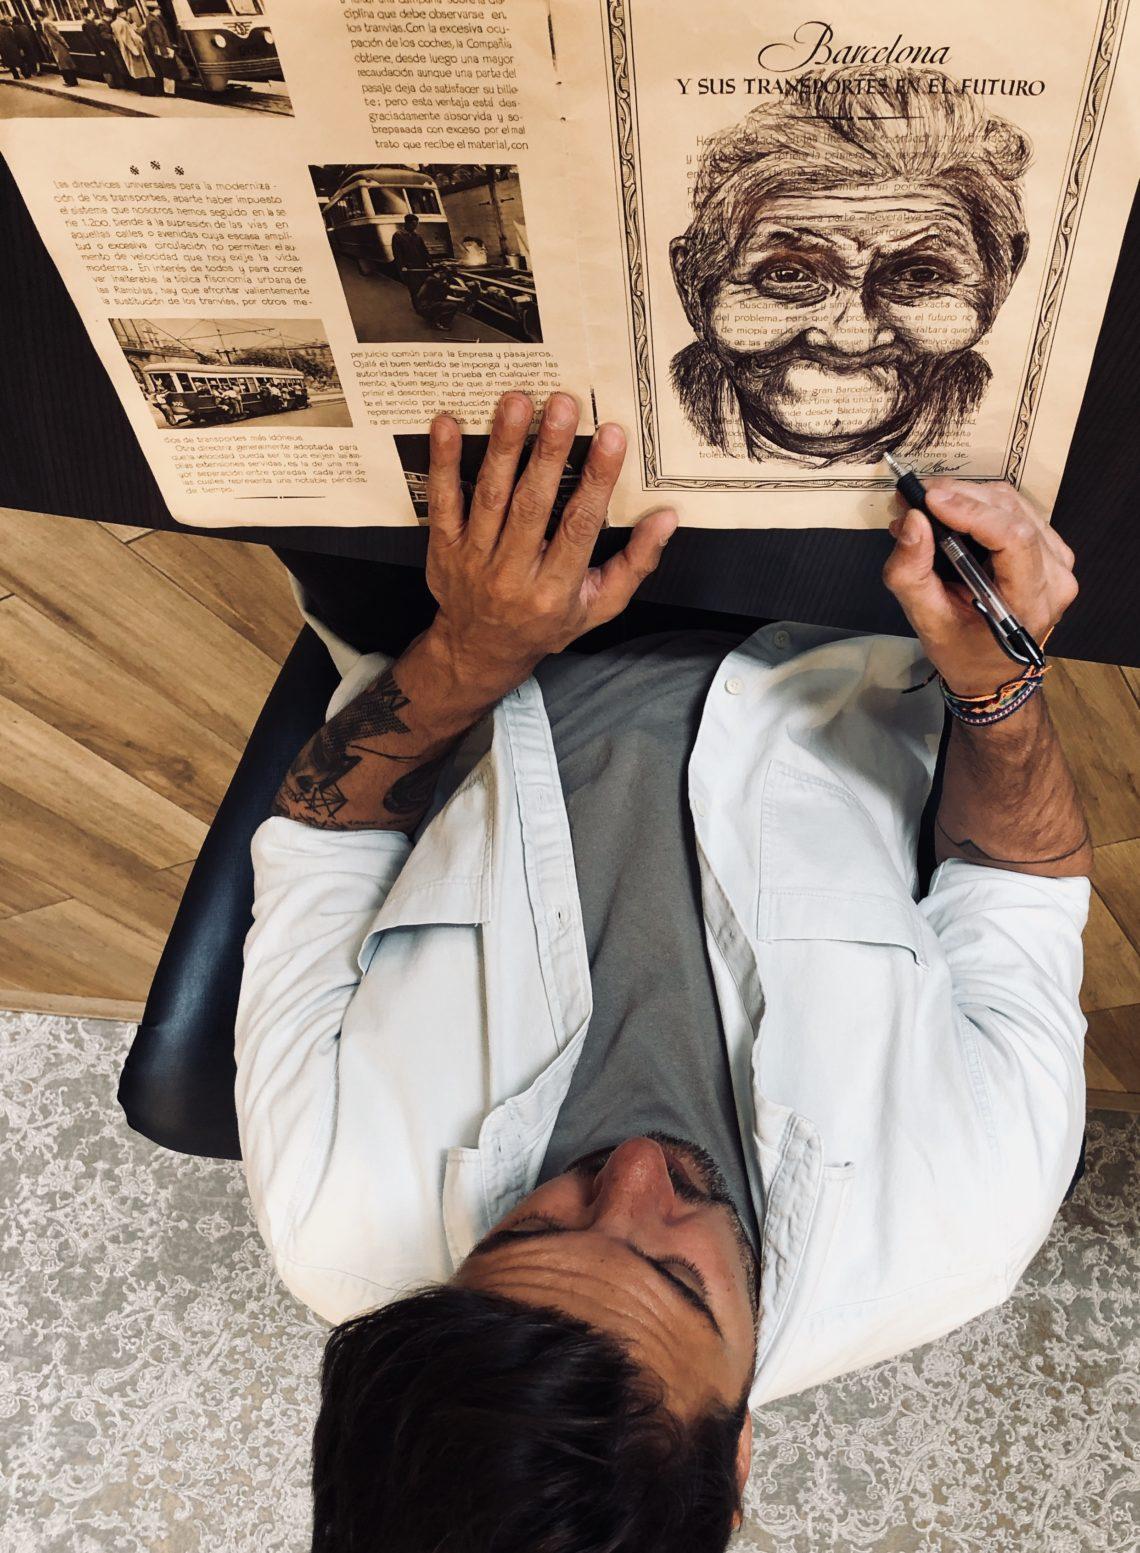 Michael vue plongeante dessine sur portait traits noirs sur livre